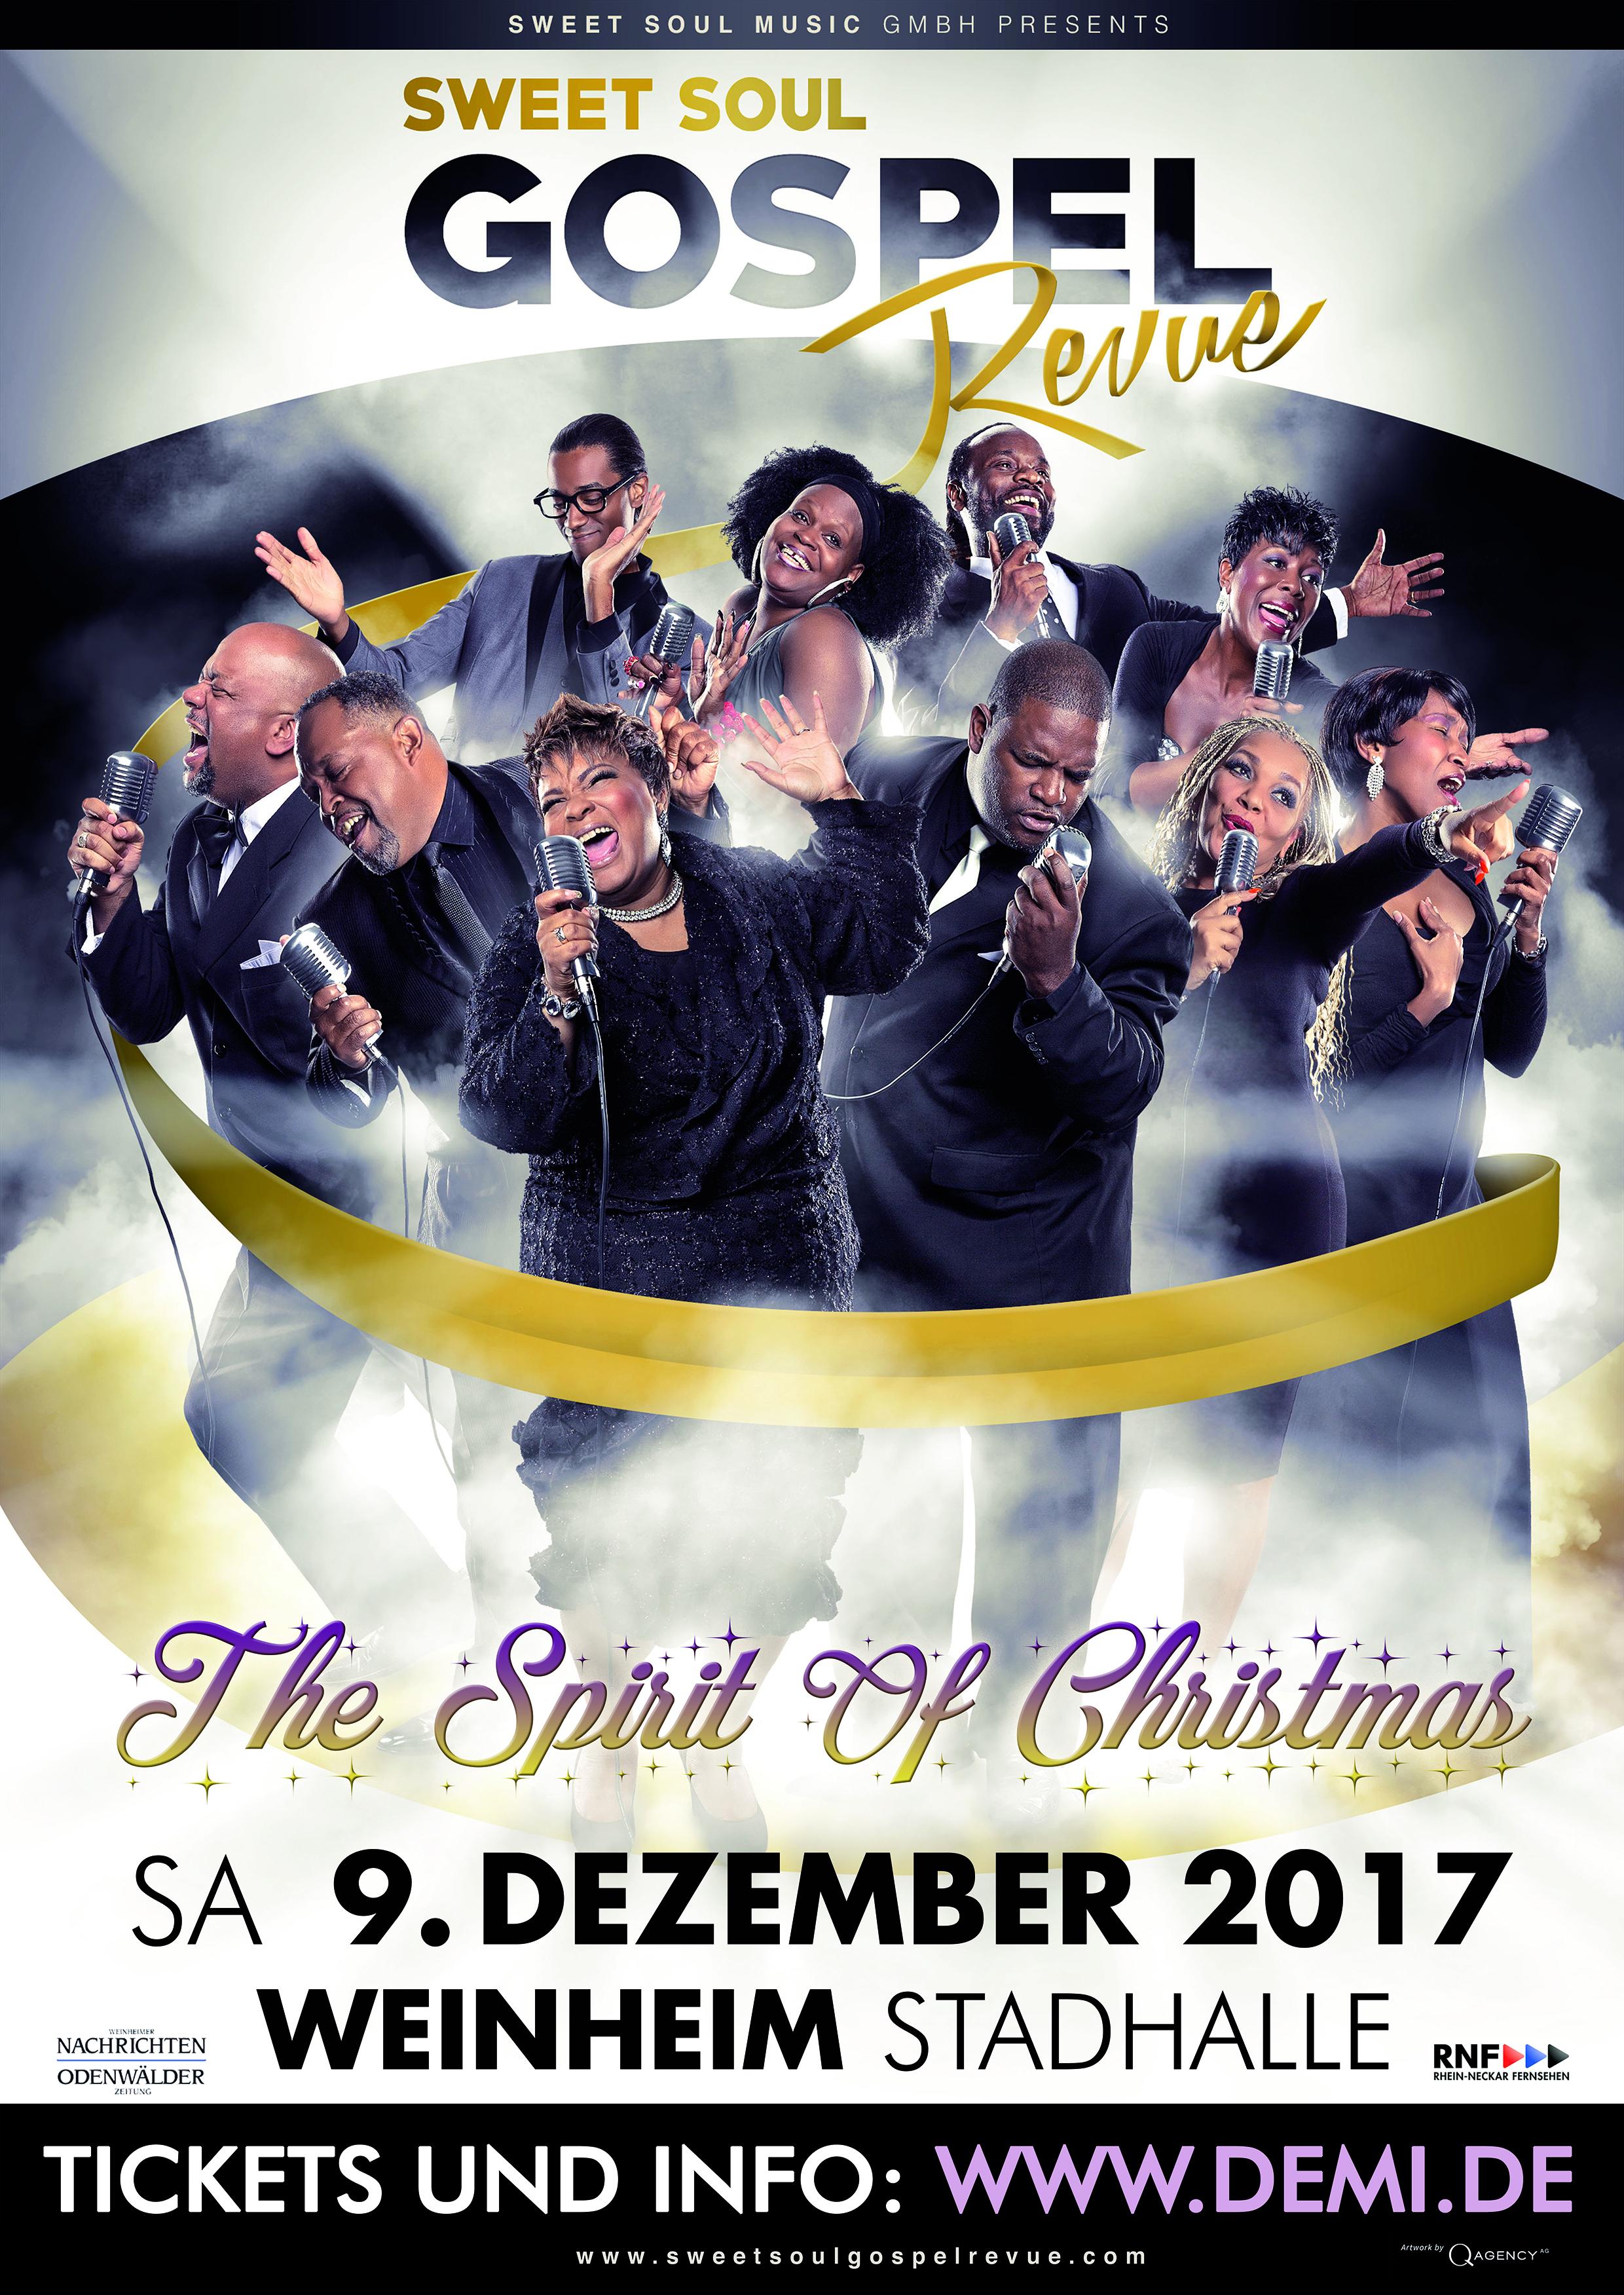 a4_ssmr_gospel-2017